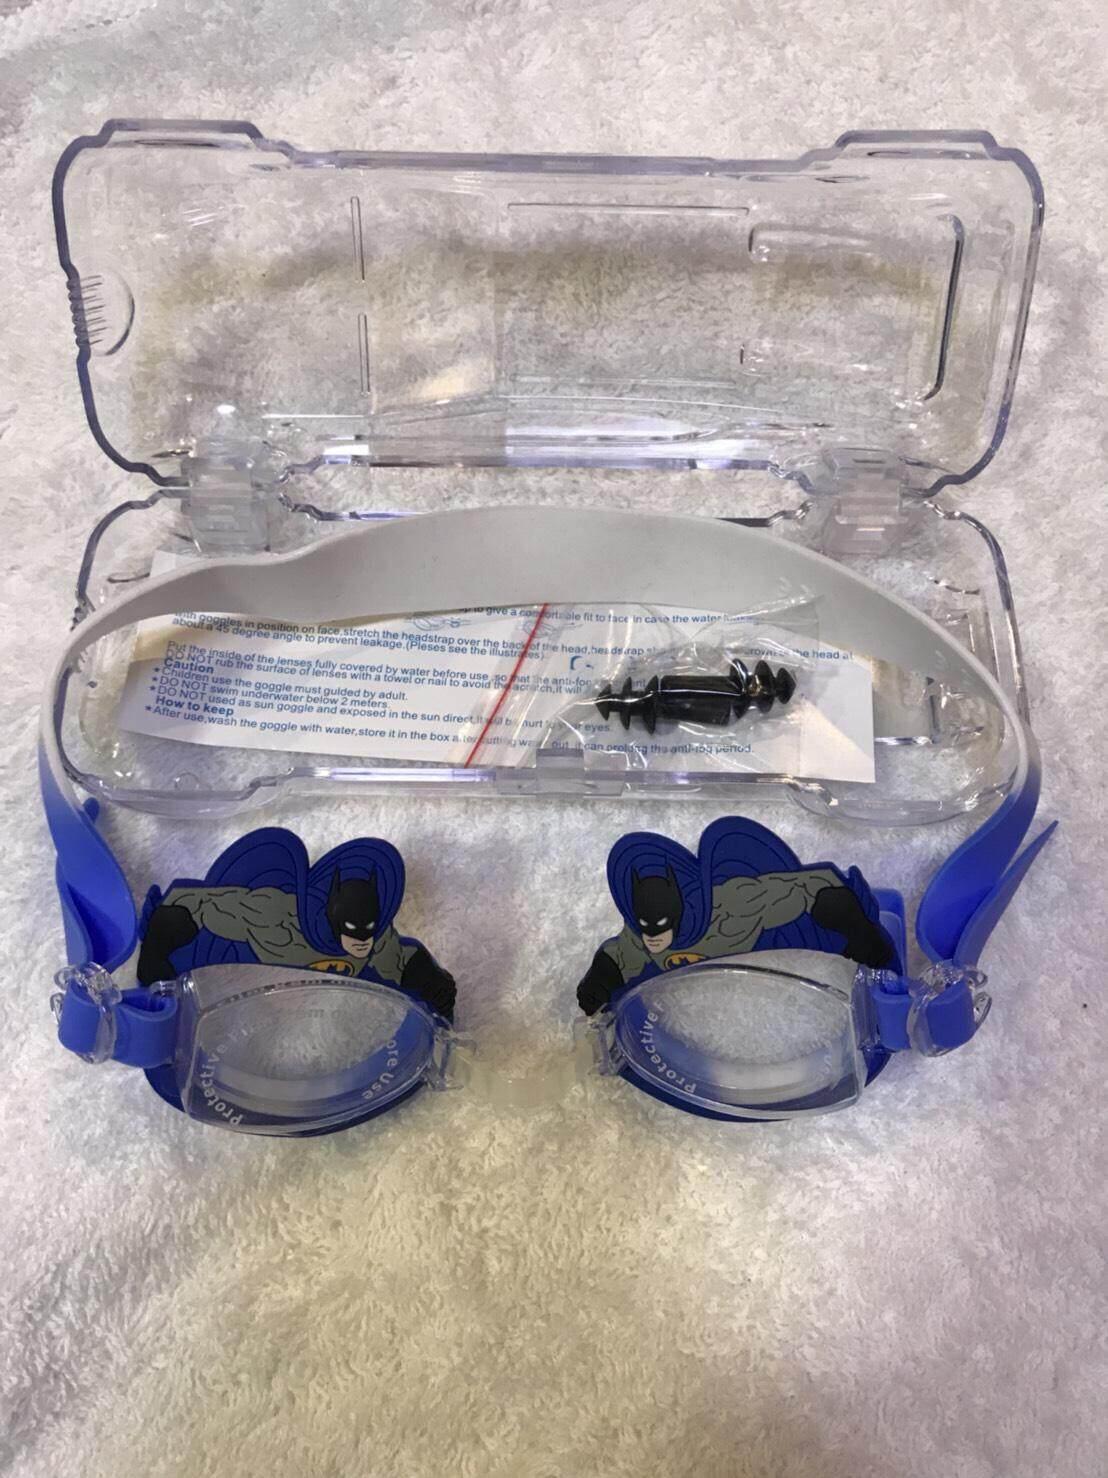 แว่นตาว่ายน้ำ แว่นดำน้ำ แว่นว่ายน้ำ แว่นกันน้ำ ลายฮีโร่  เจ้าหญิง ลายการ์ตูน แบทแมน (Batman) (แว่นตา+กล่อง+ซิลิโคนกันน้ำเข้าหู)